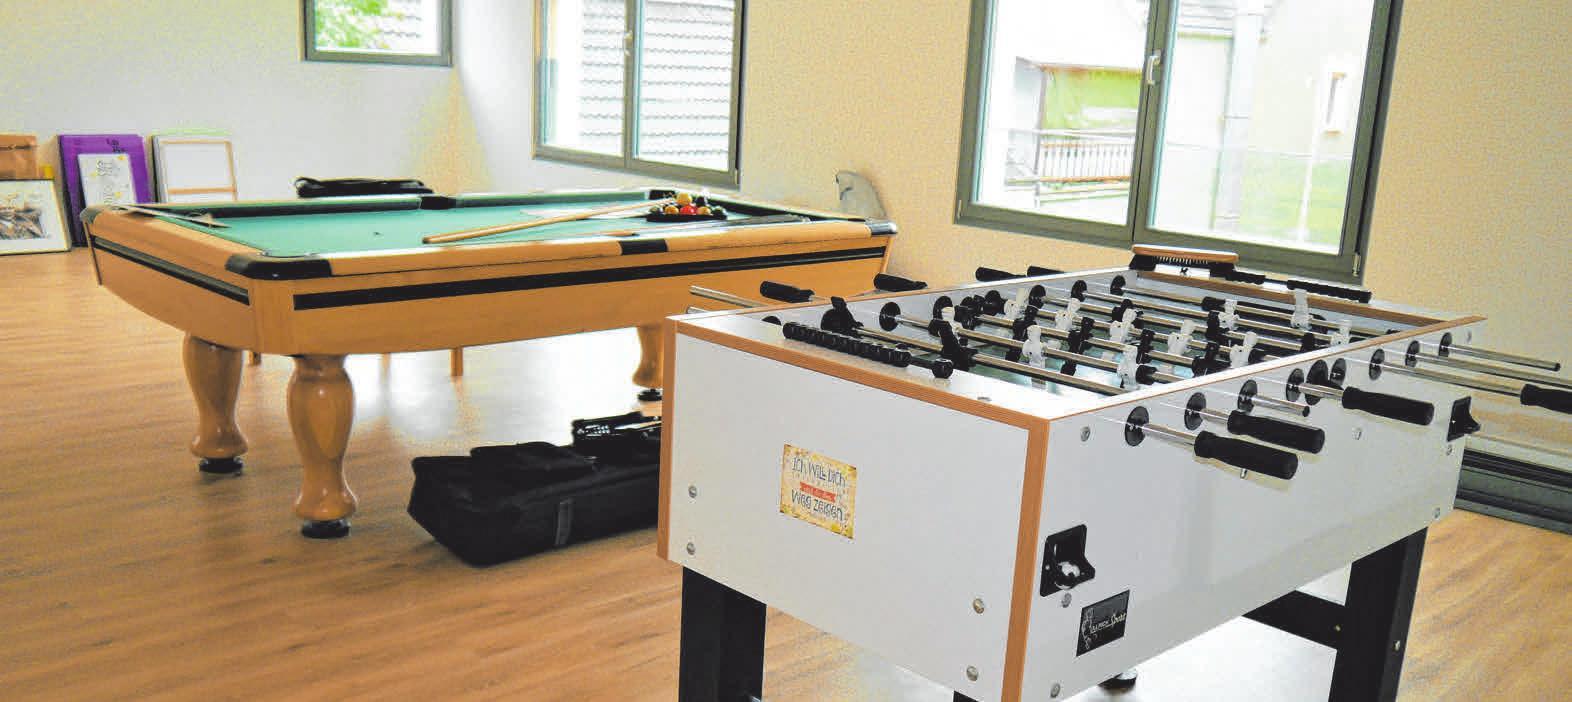 Im Obergeschoss befindet sich der Jugendraum, sowie ein weiterer teilbarer Raum für die Jugend- und die Gemeindearbeit. FOTOS: SILIVIA MÜLLER